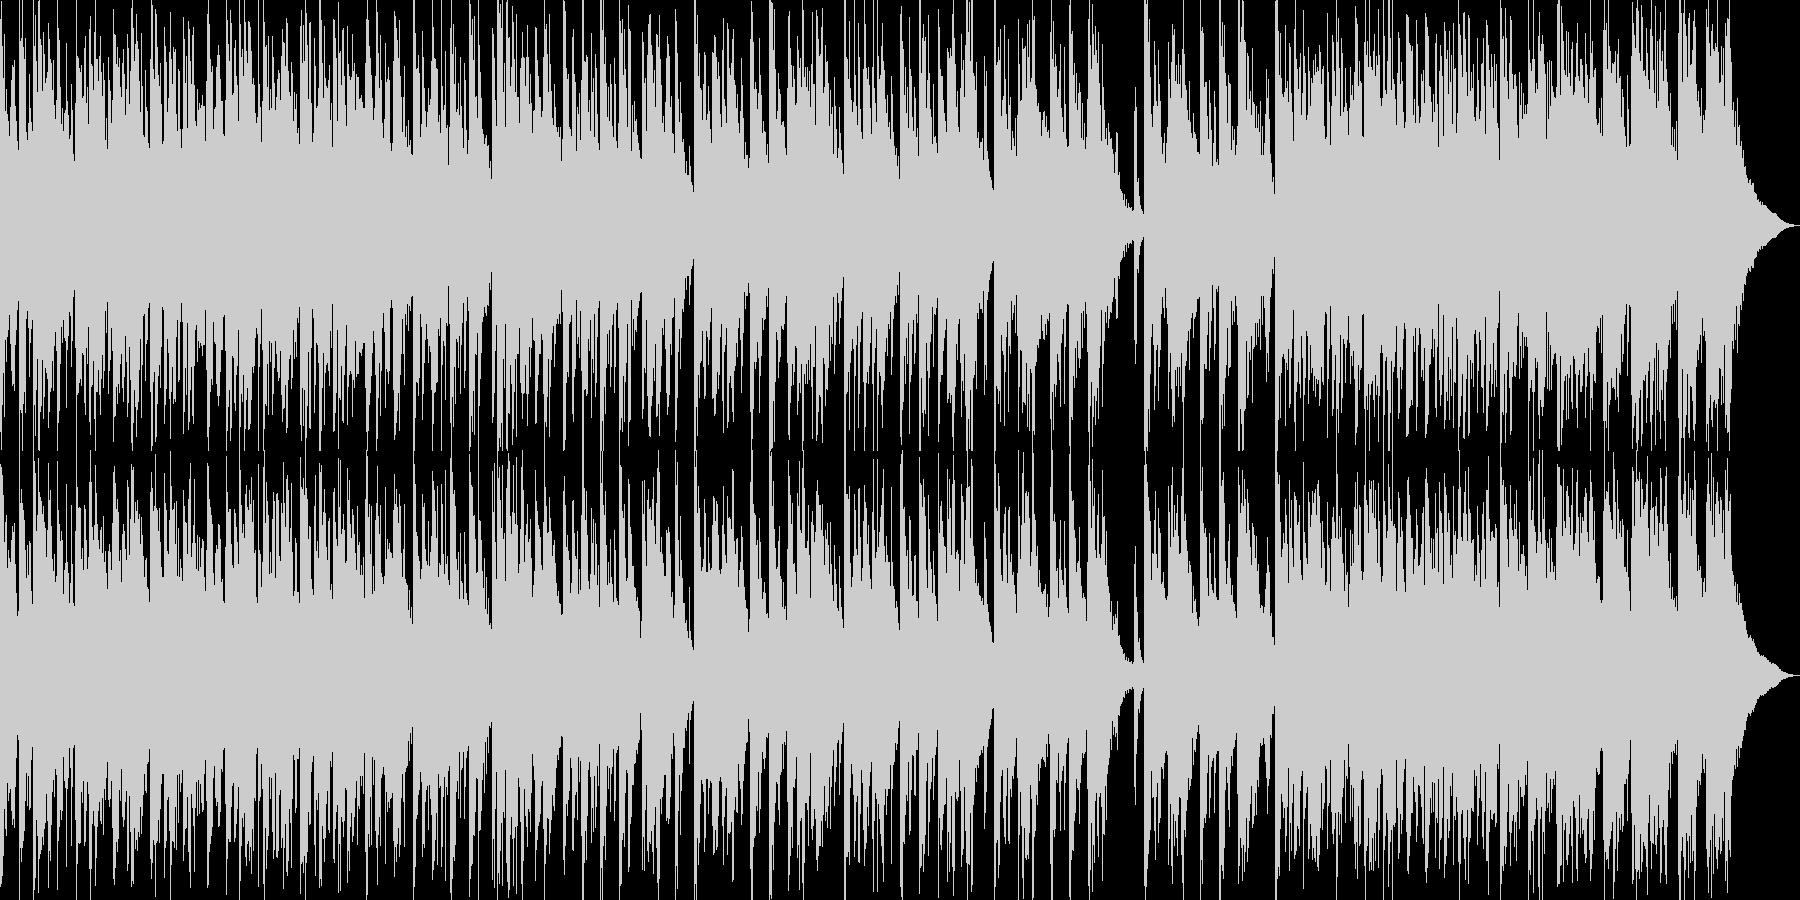 日本伝統音楽5(和太鼓+掛け声)の未再生の波形